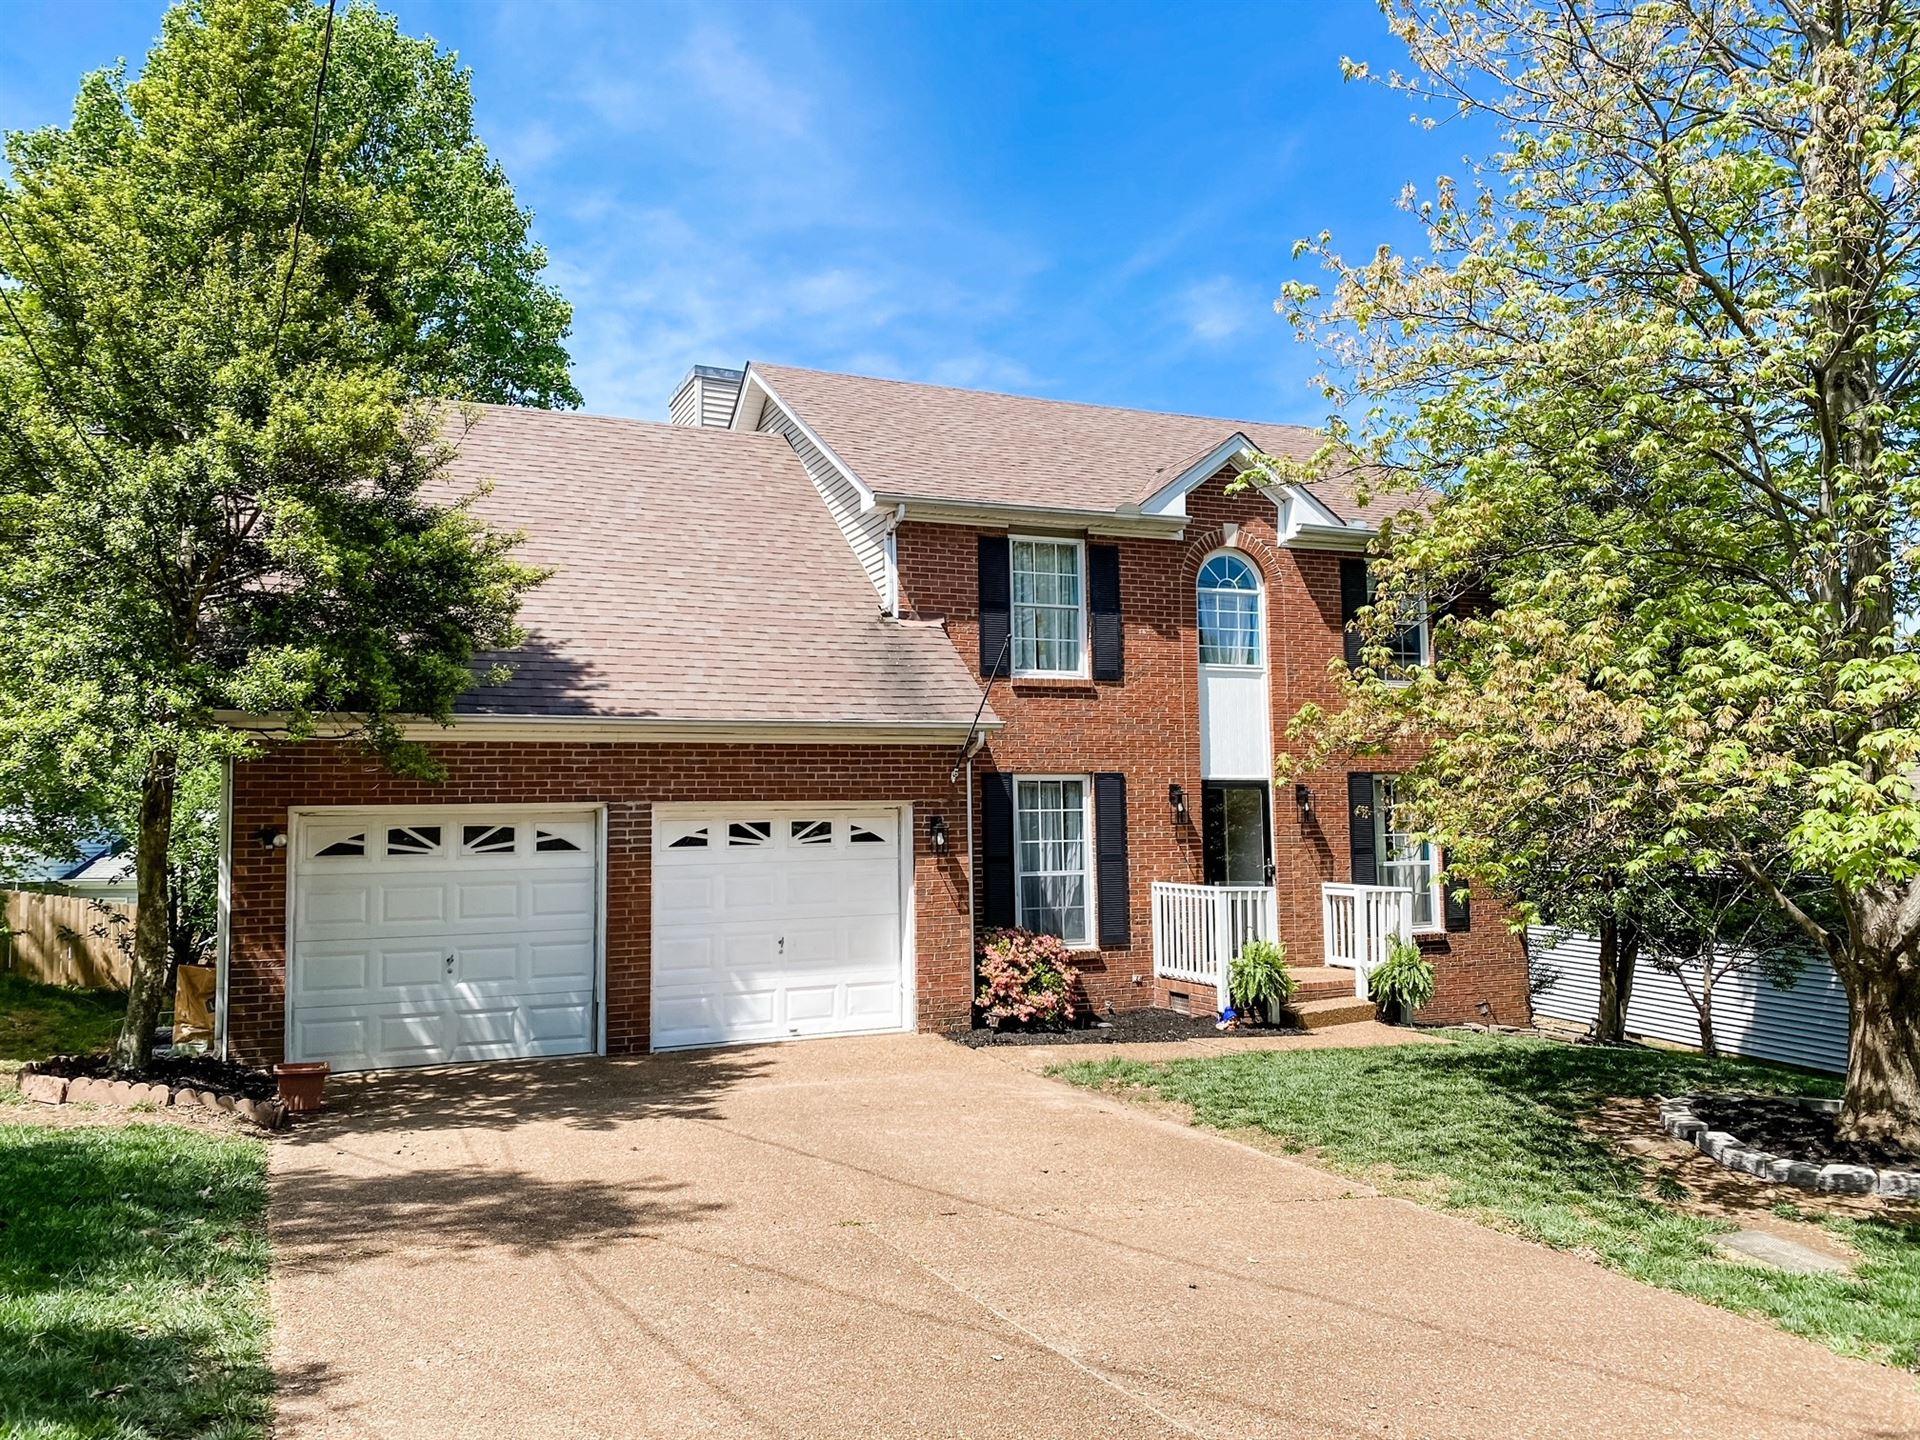 5308 Old Village Rd, Nashville, TN 37211 - MLS#: 2248083